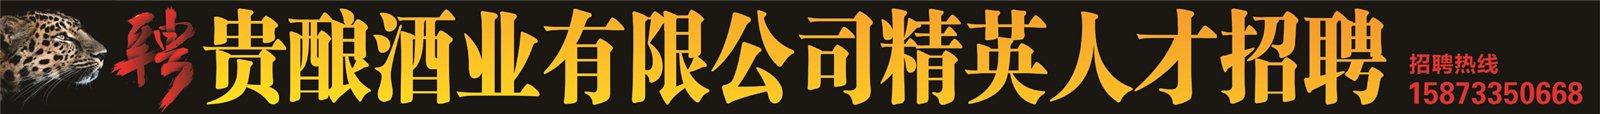 贵州贵酿酒业有限公司